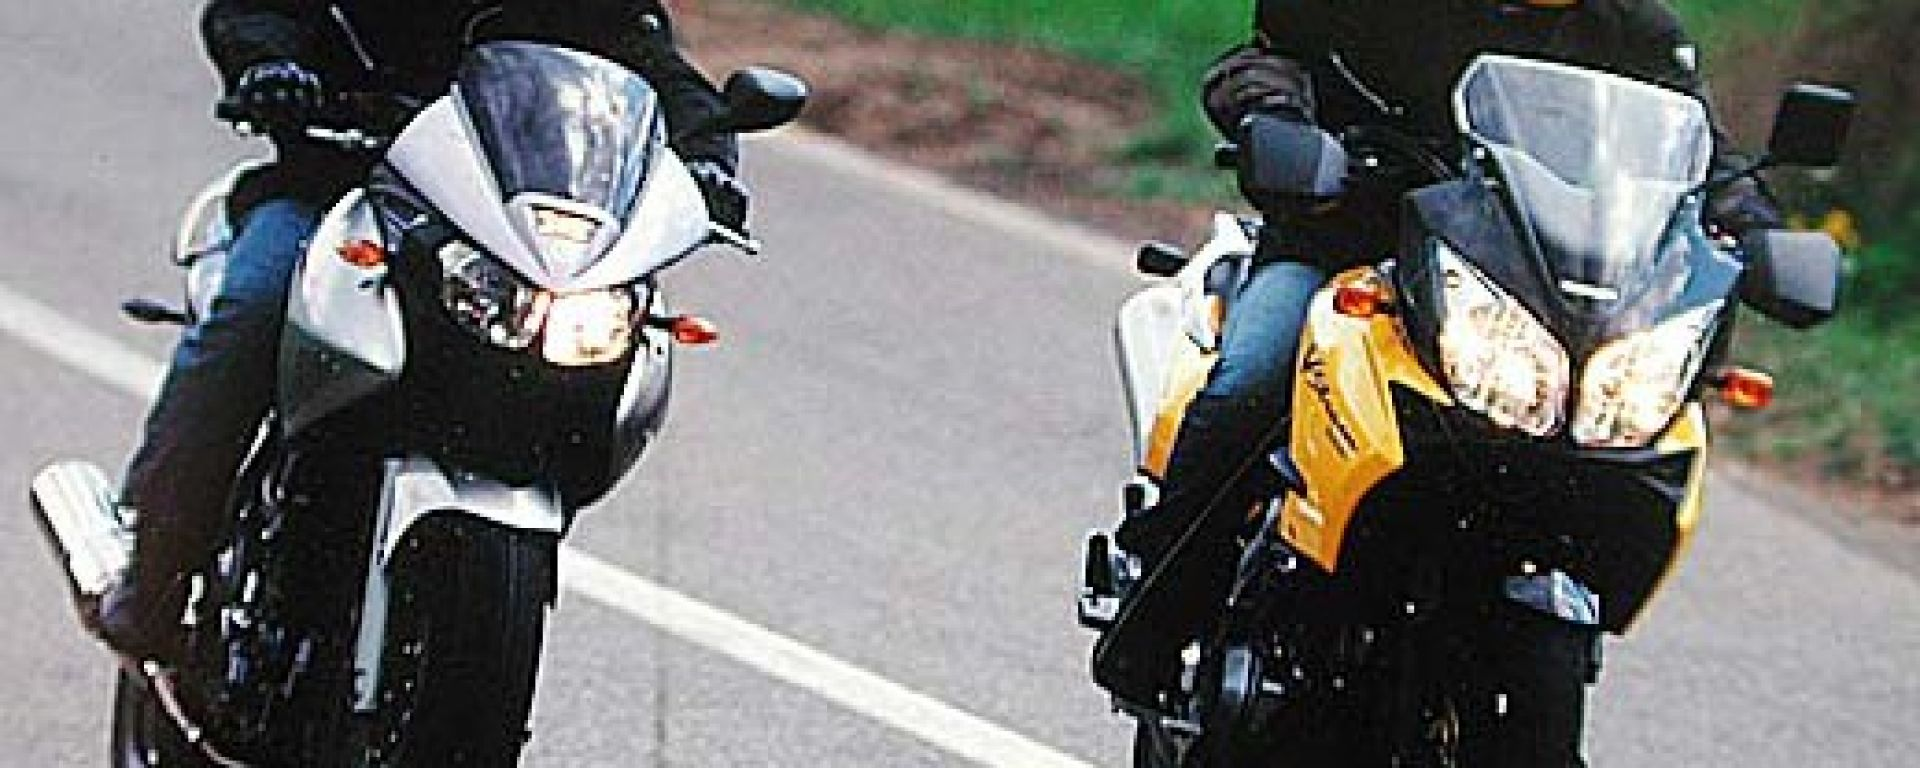 Yamaha TDM vs Suzuki V-Strom